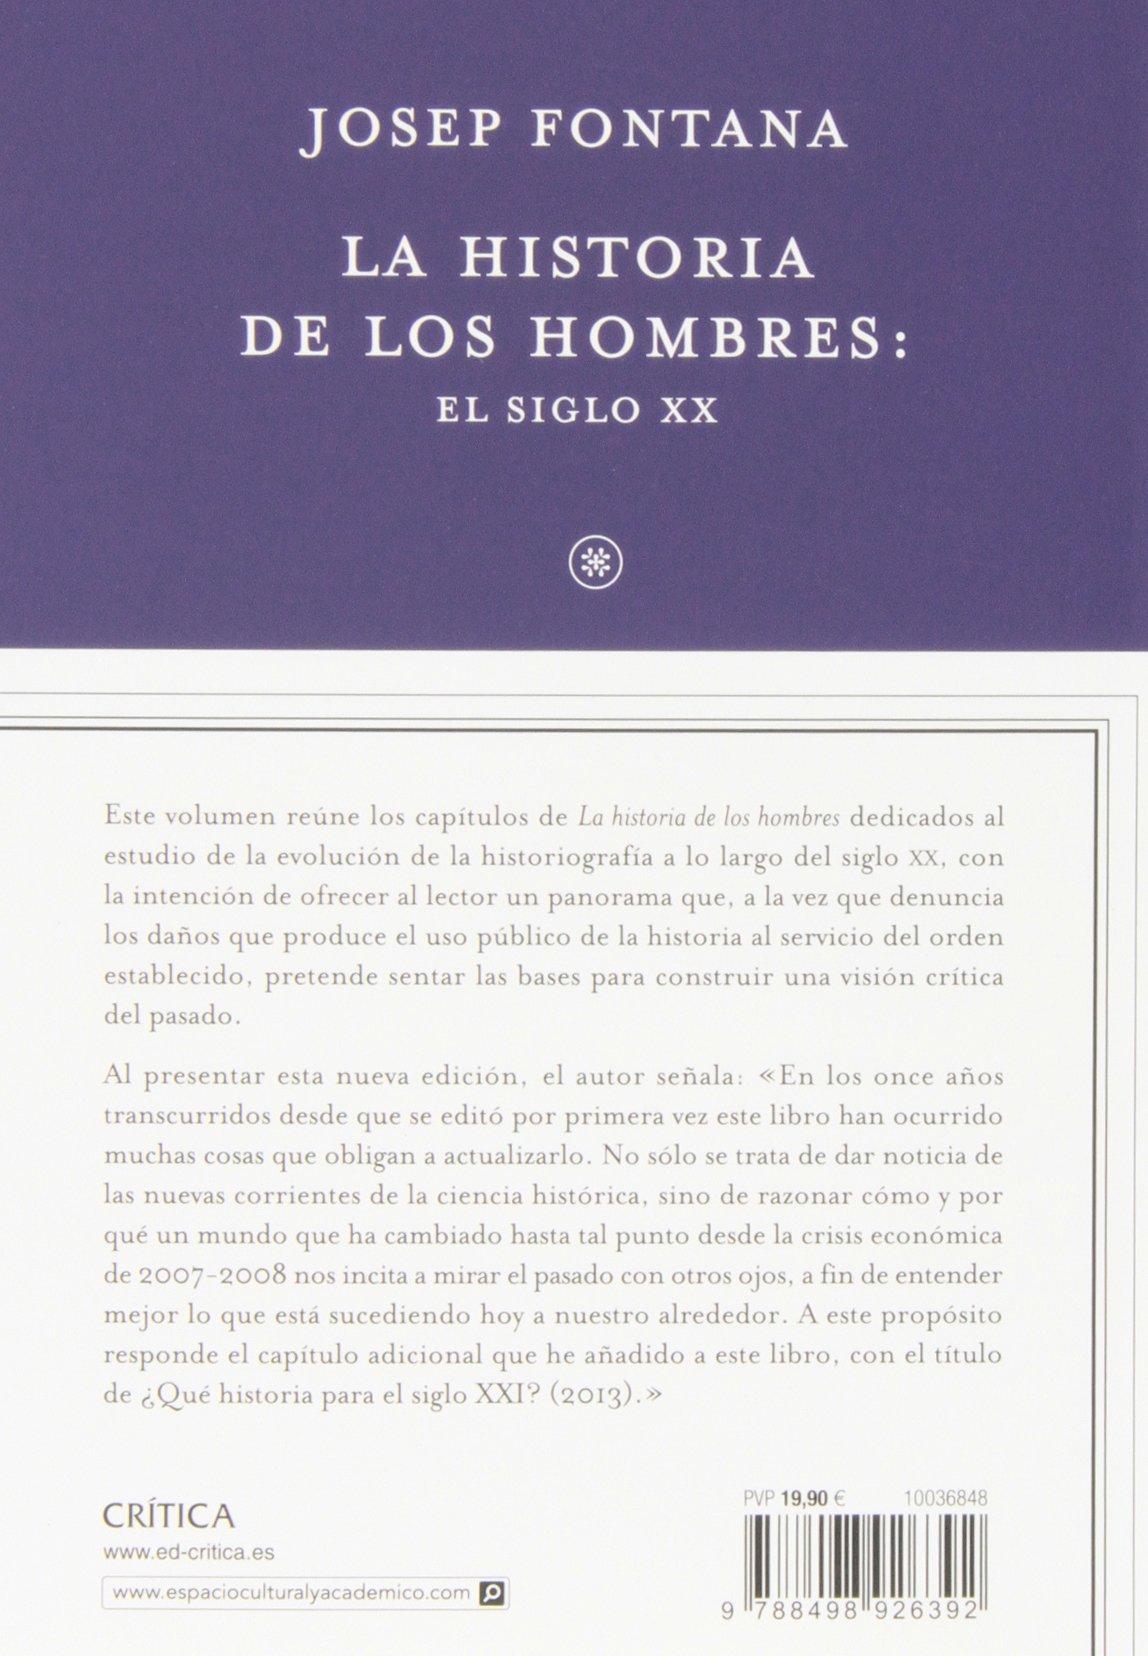 La historia de los hombres: el siglo XX Libros de Historia: Amazon.es: Fontana, Josep: Libros